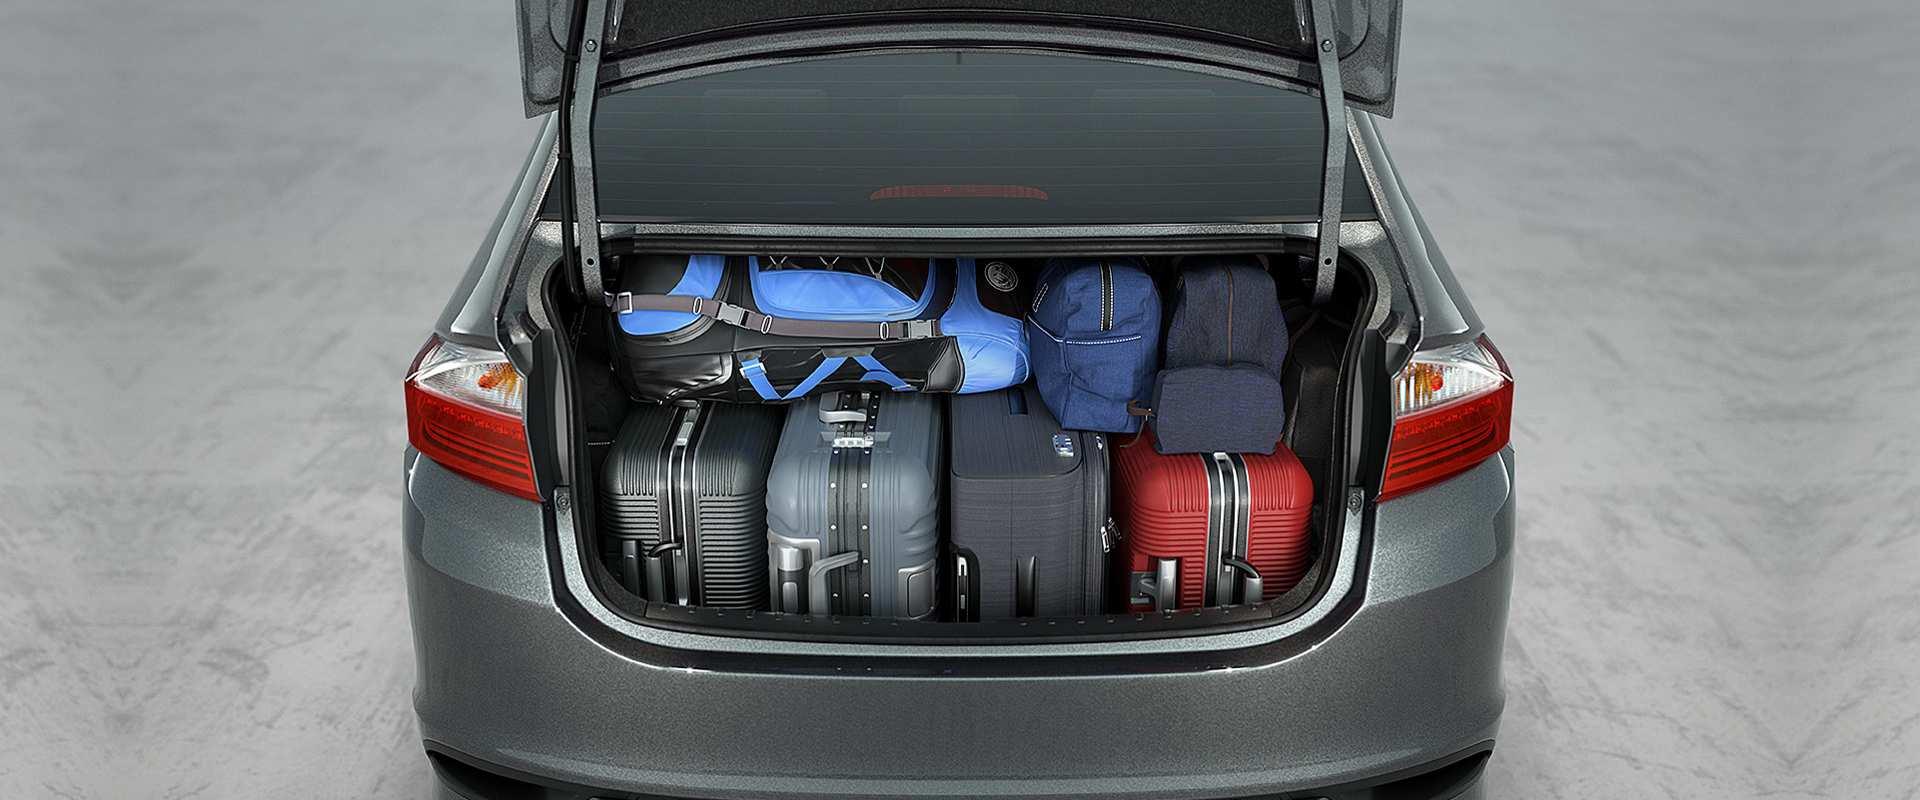 Amplo porta-malas de 536 litros*